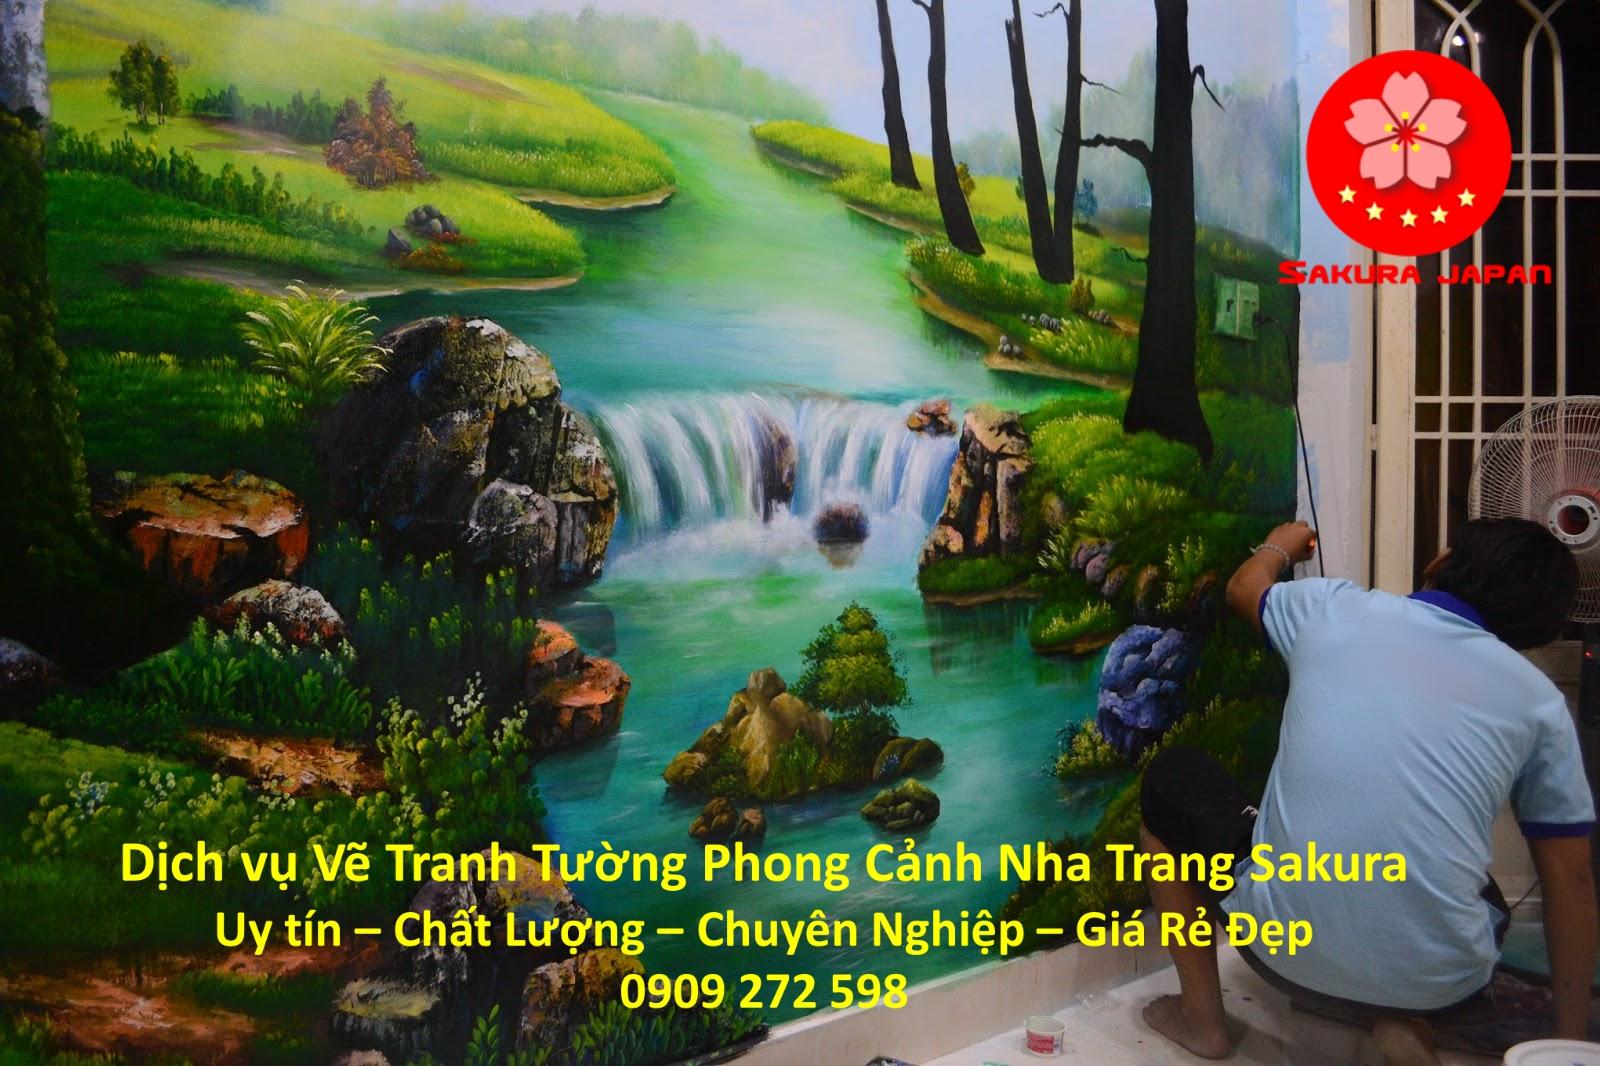 Dịch vụ Vẽ tranh tường Phong cảnh Nha Trang